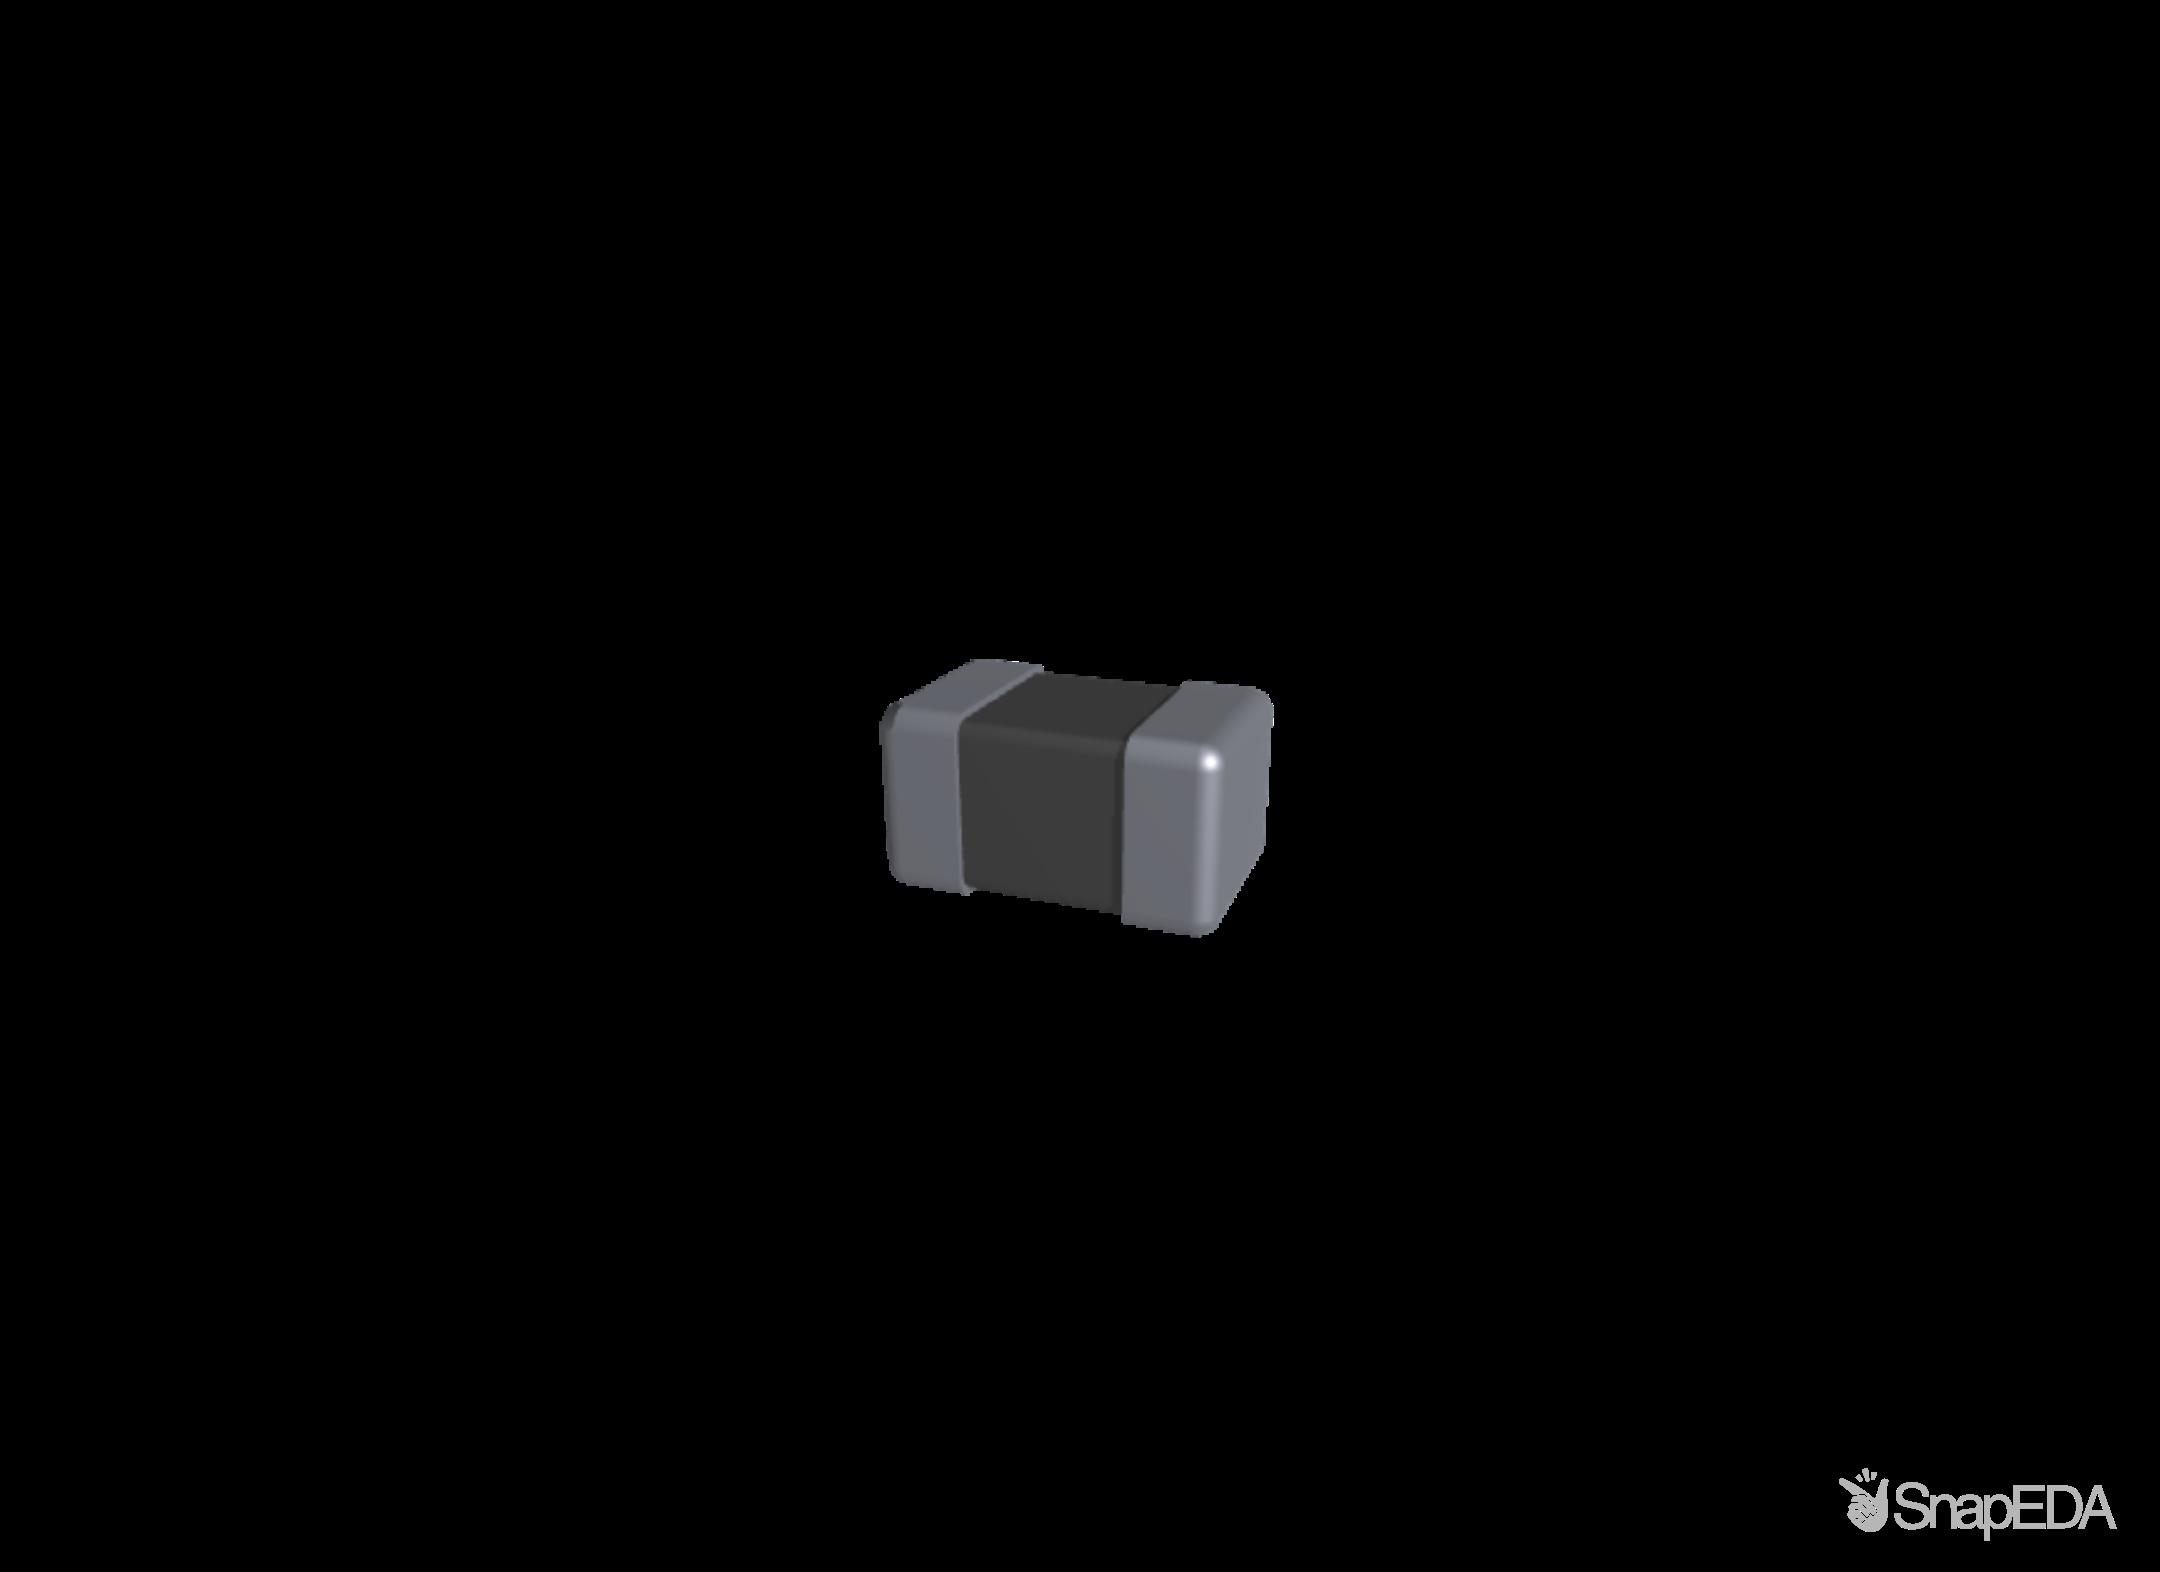 HI0805R800R-10 3D Model